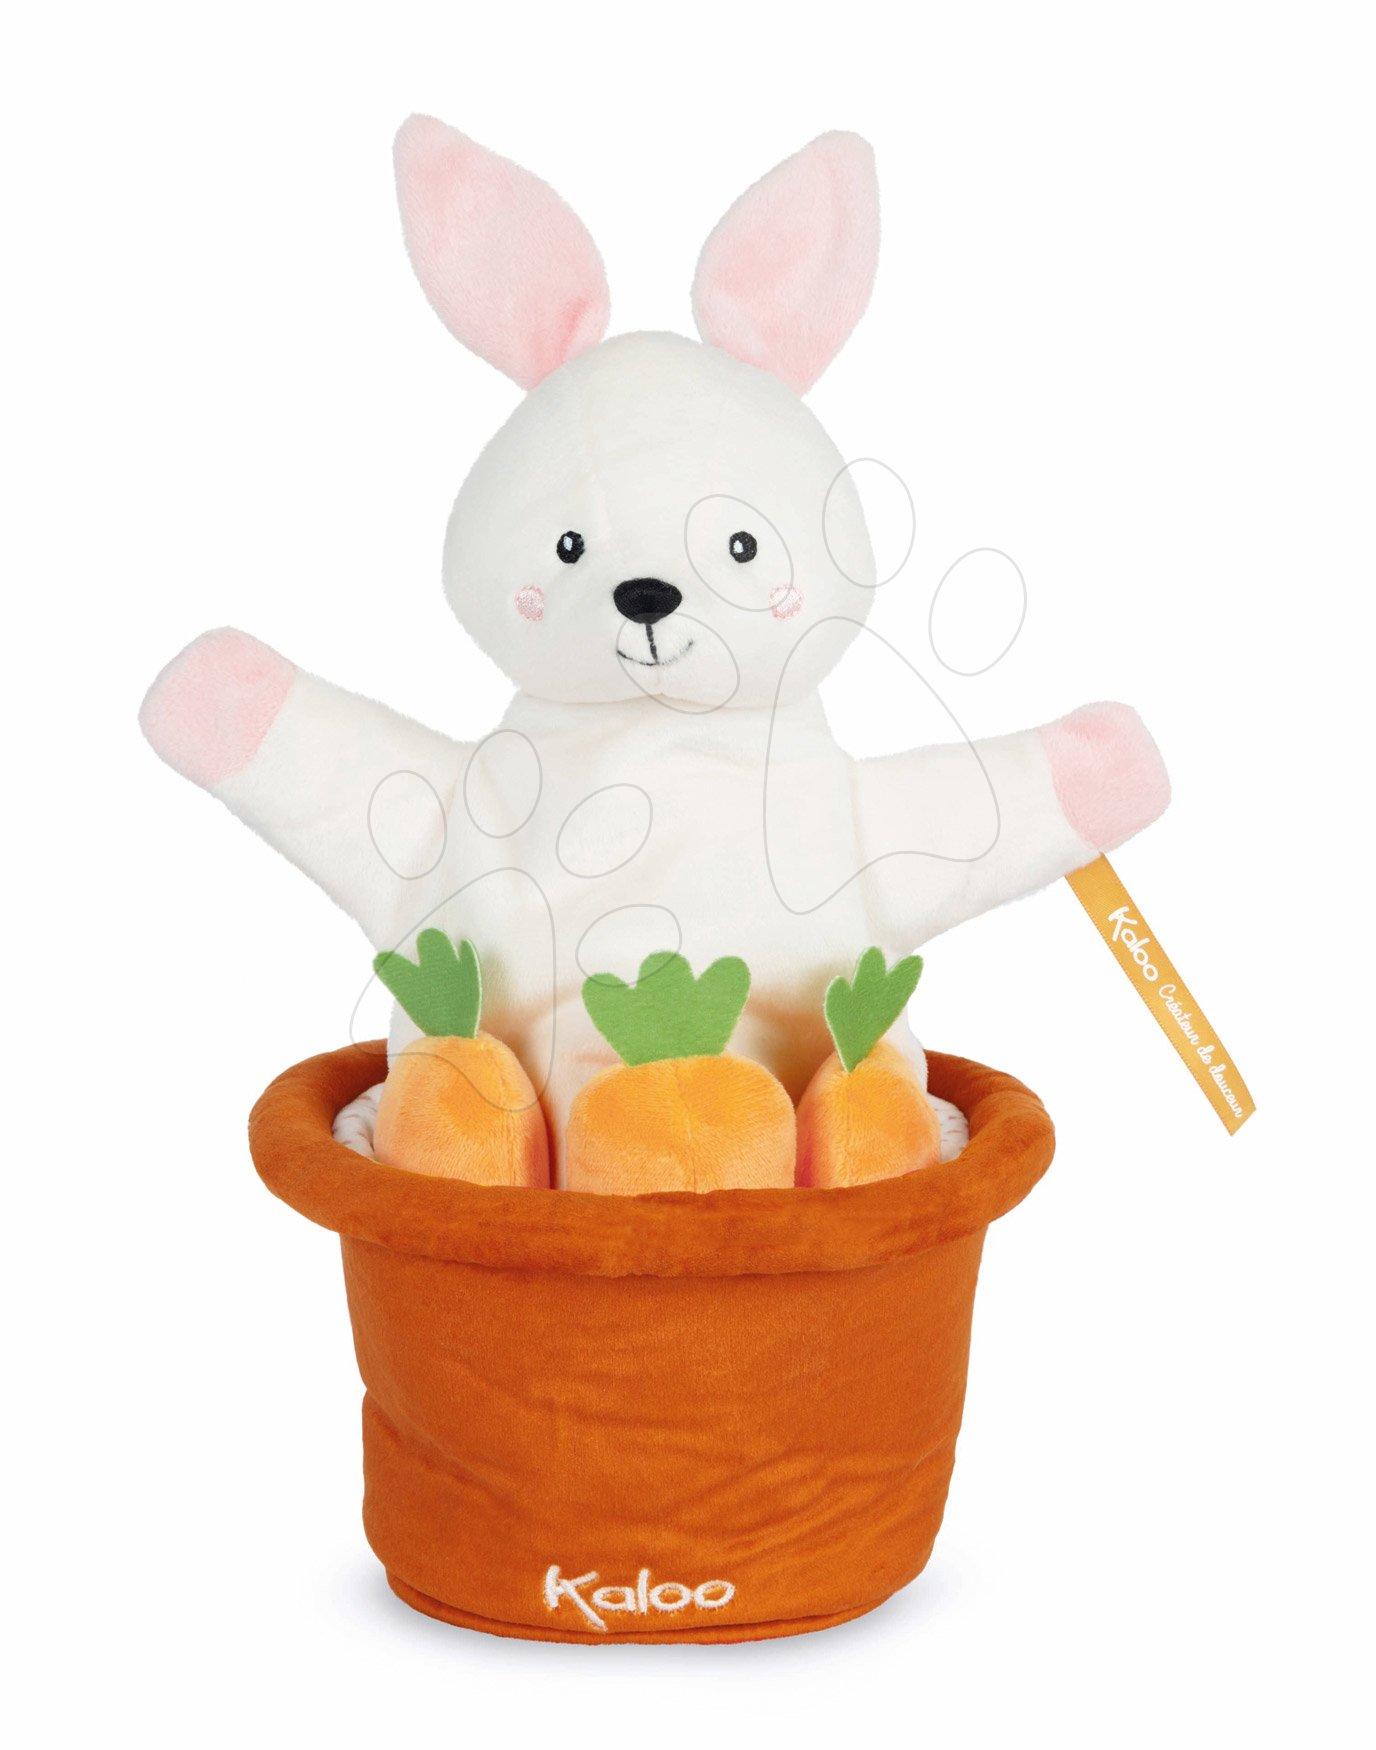 Plyšový zajačik bábkové divadlo Robin Rabbit Kachoo Kaloo prekvapenie v kvetináči 25 cm pre najmenších od 0 mes